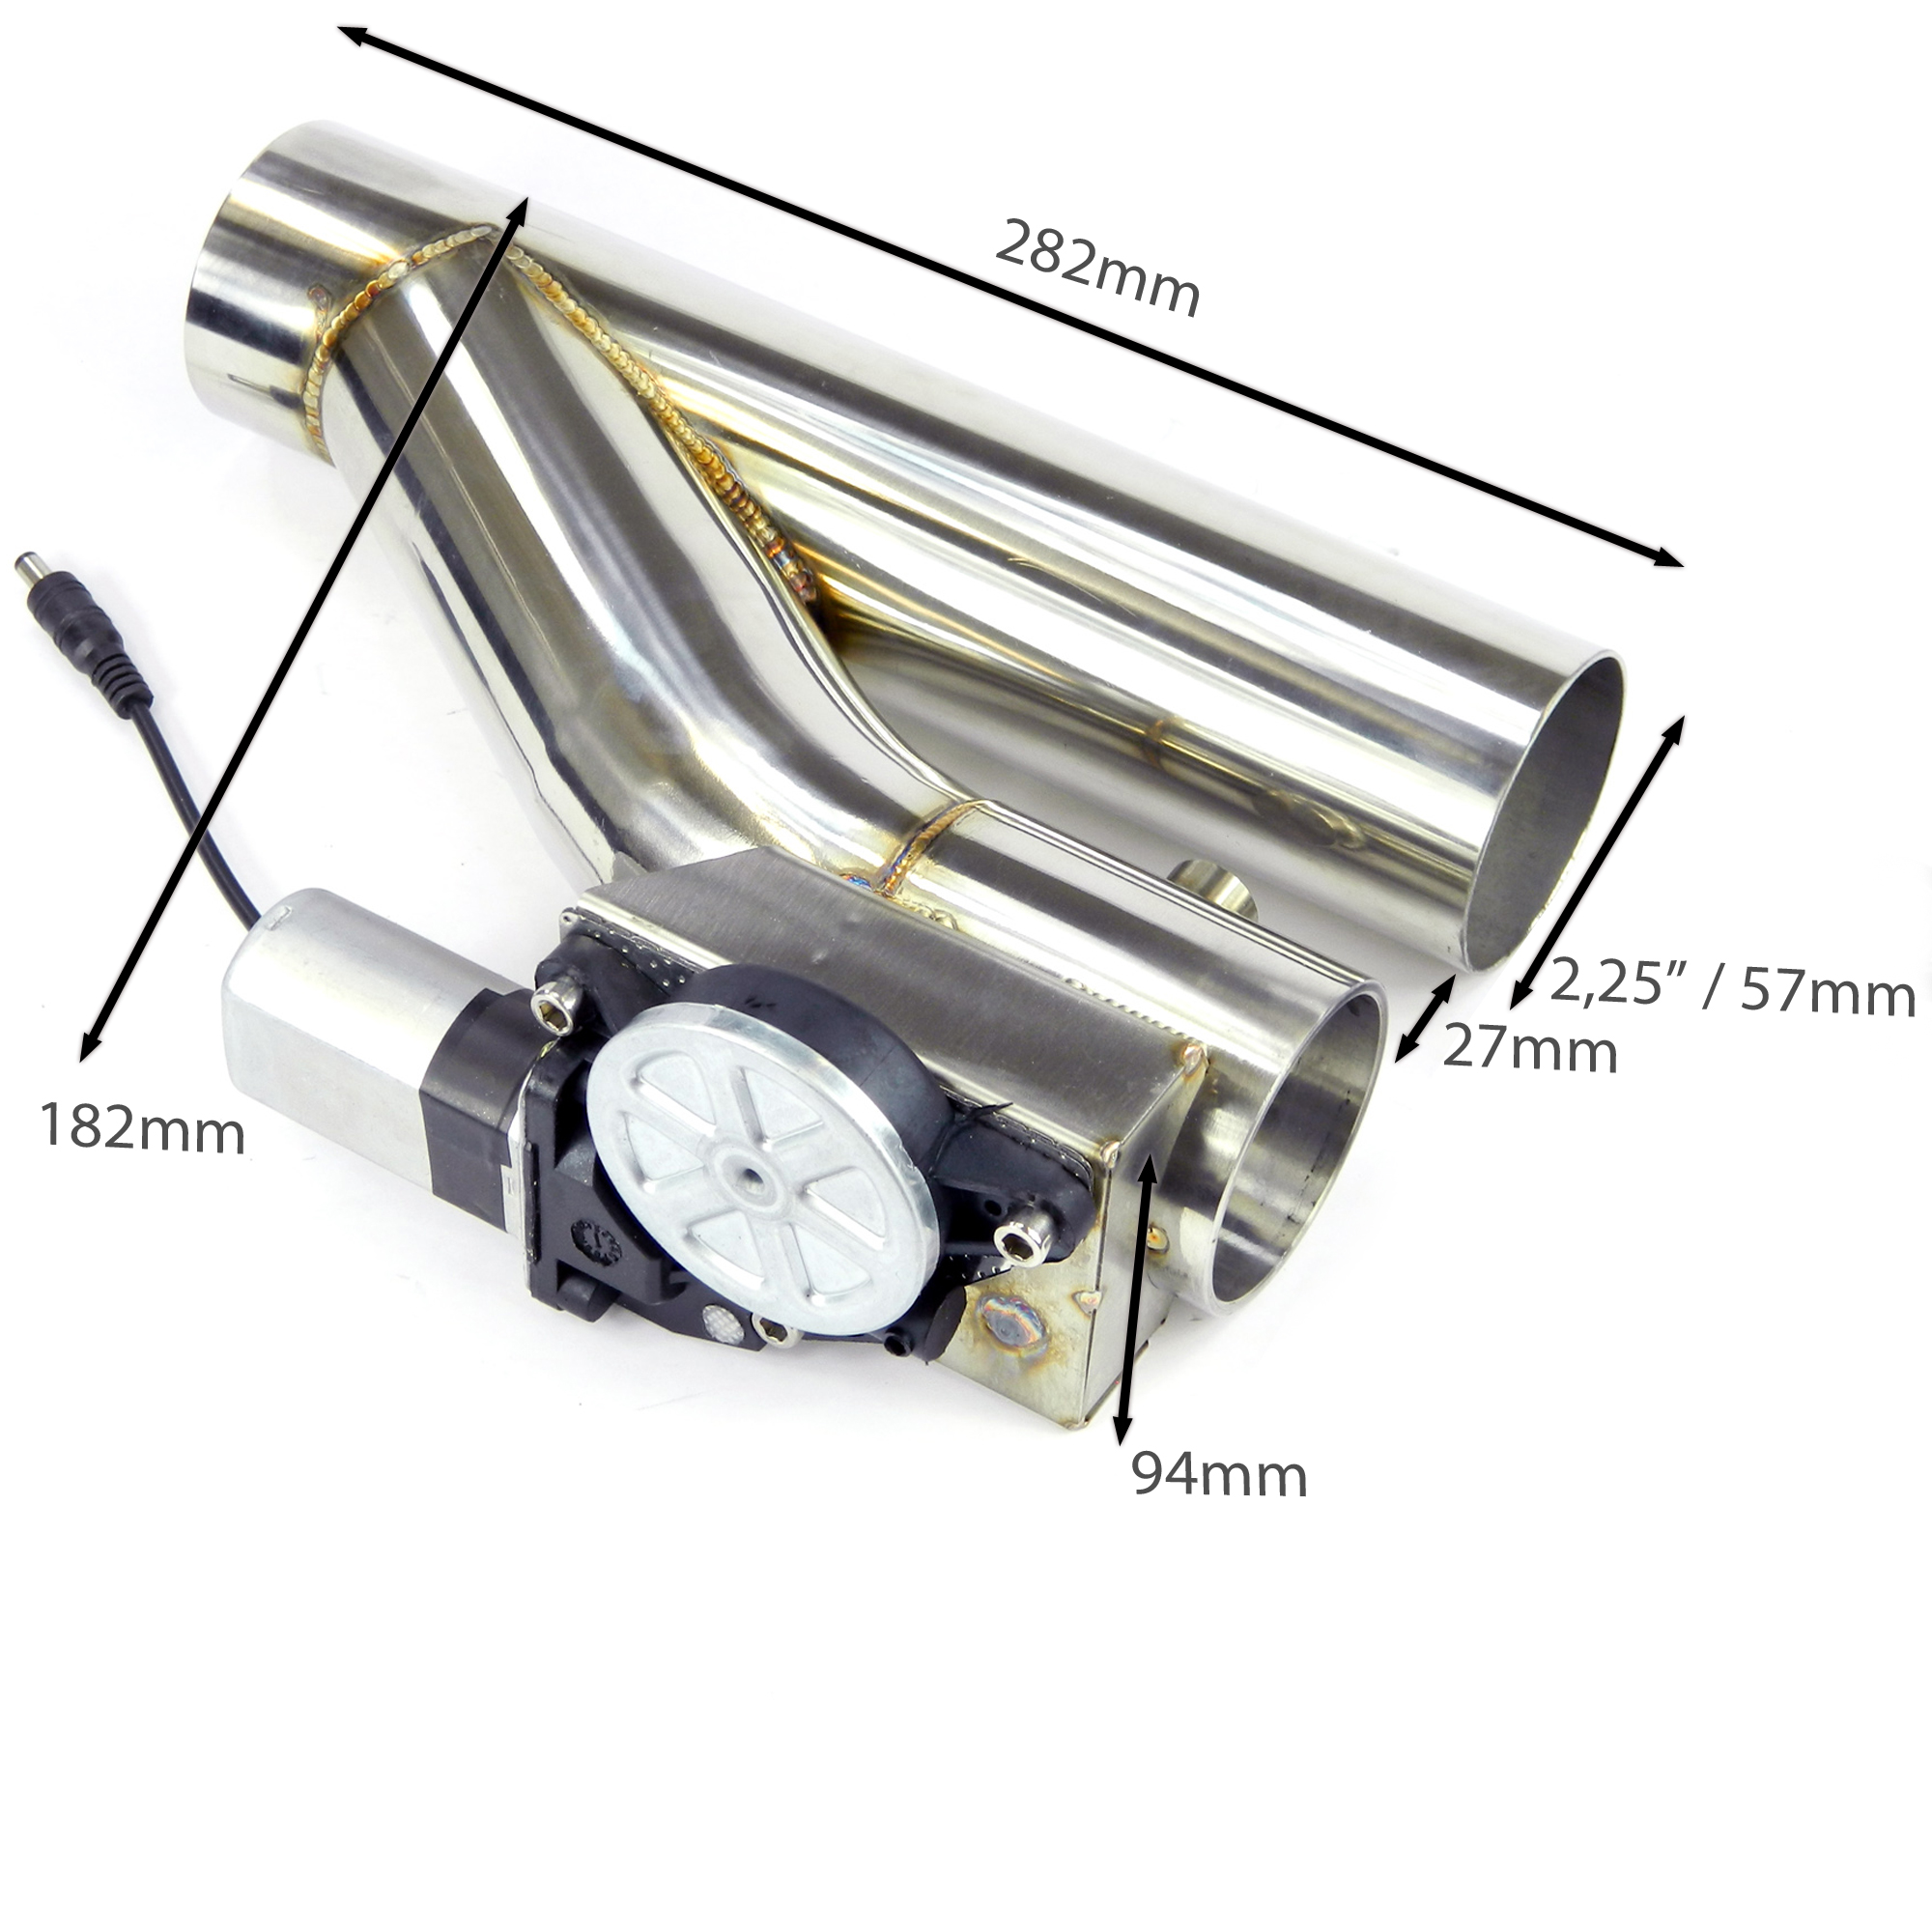 Klappenauspuff-System Y-Rohr, elektrisch inkl. Schalter - 55mm Außendurchmesser